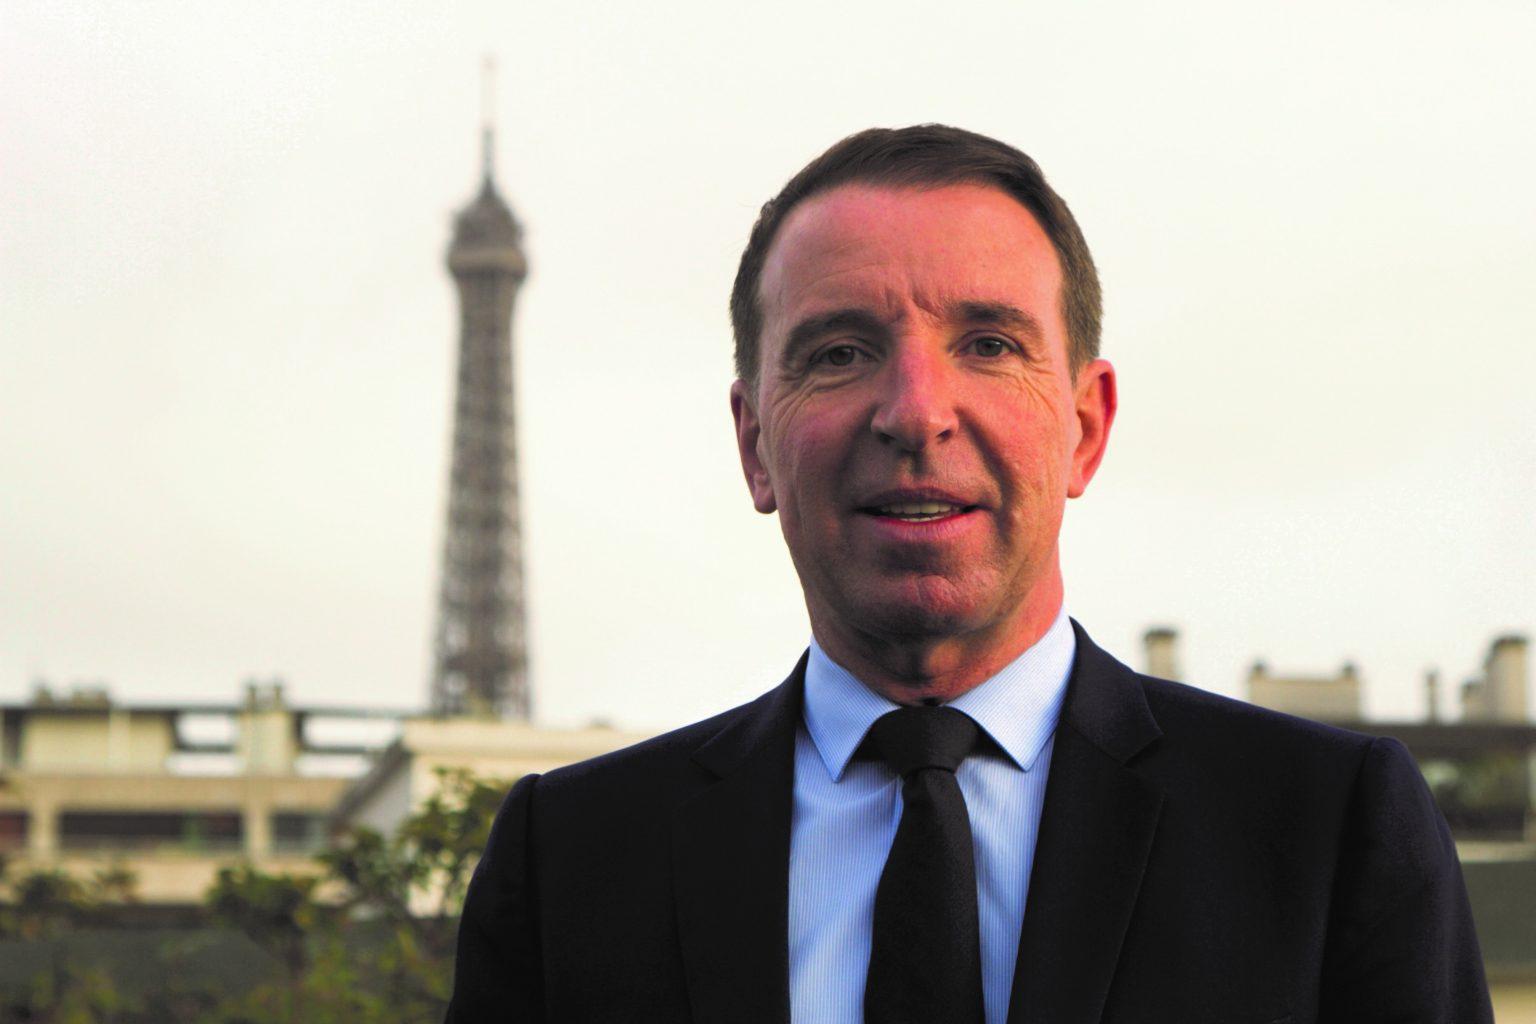 Pourquoi choisir l'ESCE ? L'interview de Christophe Boisseau, DG de la business school